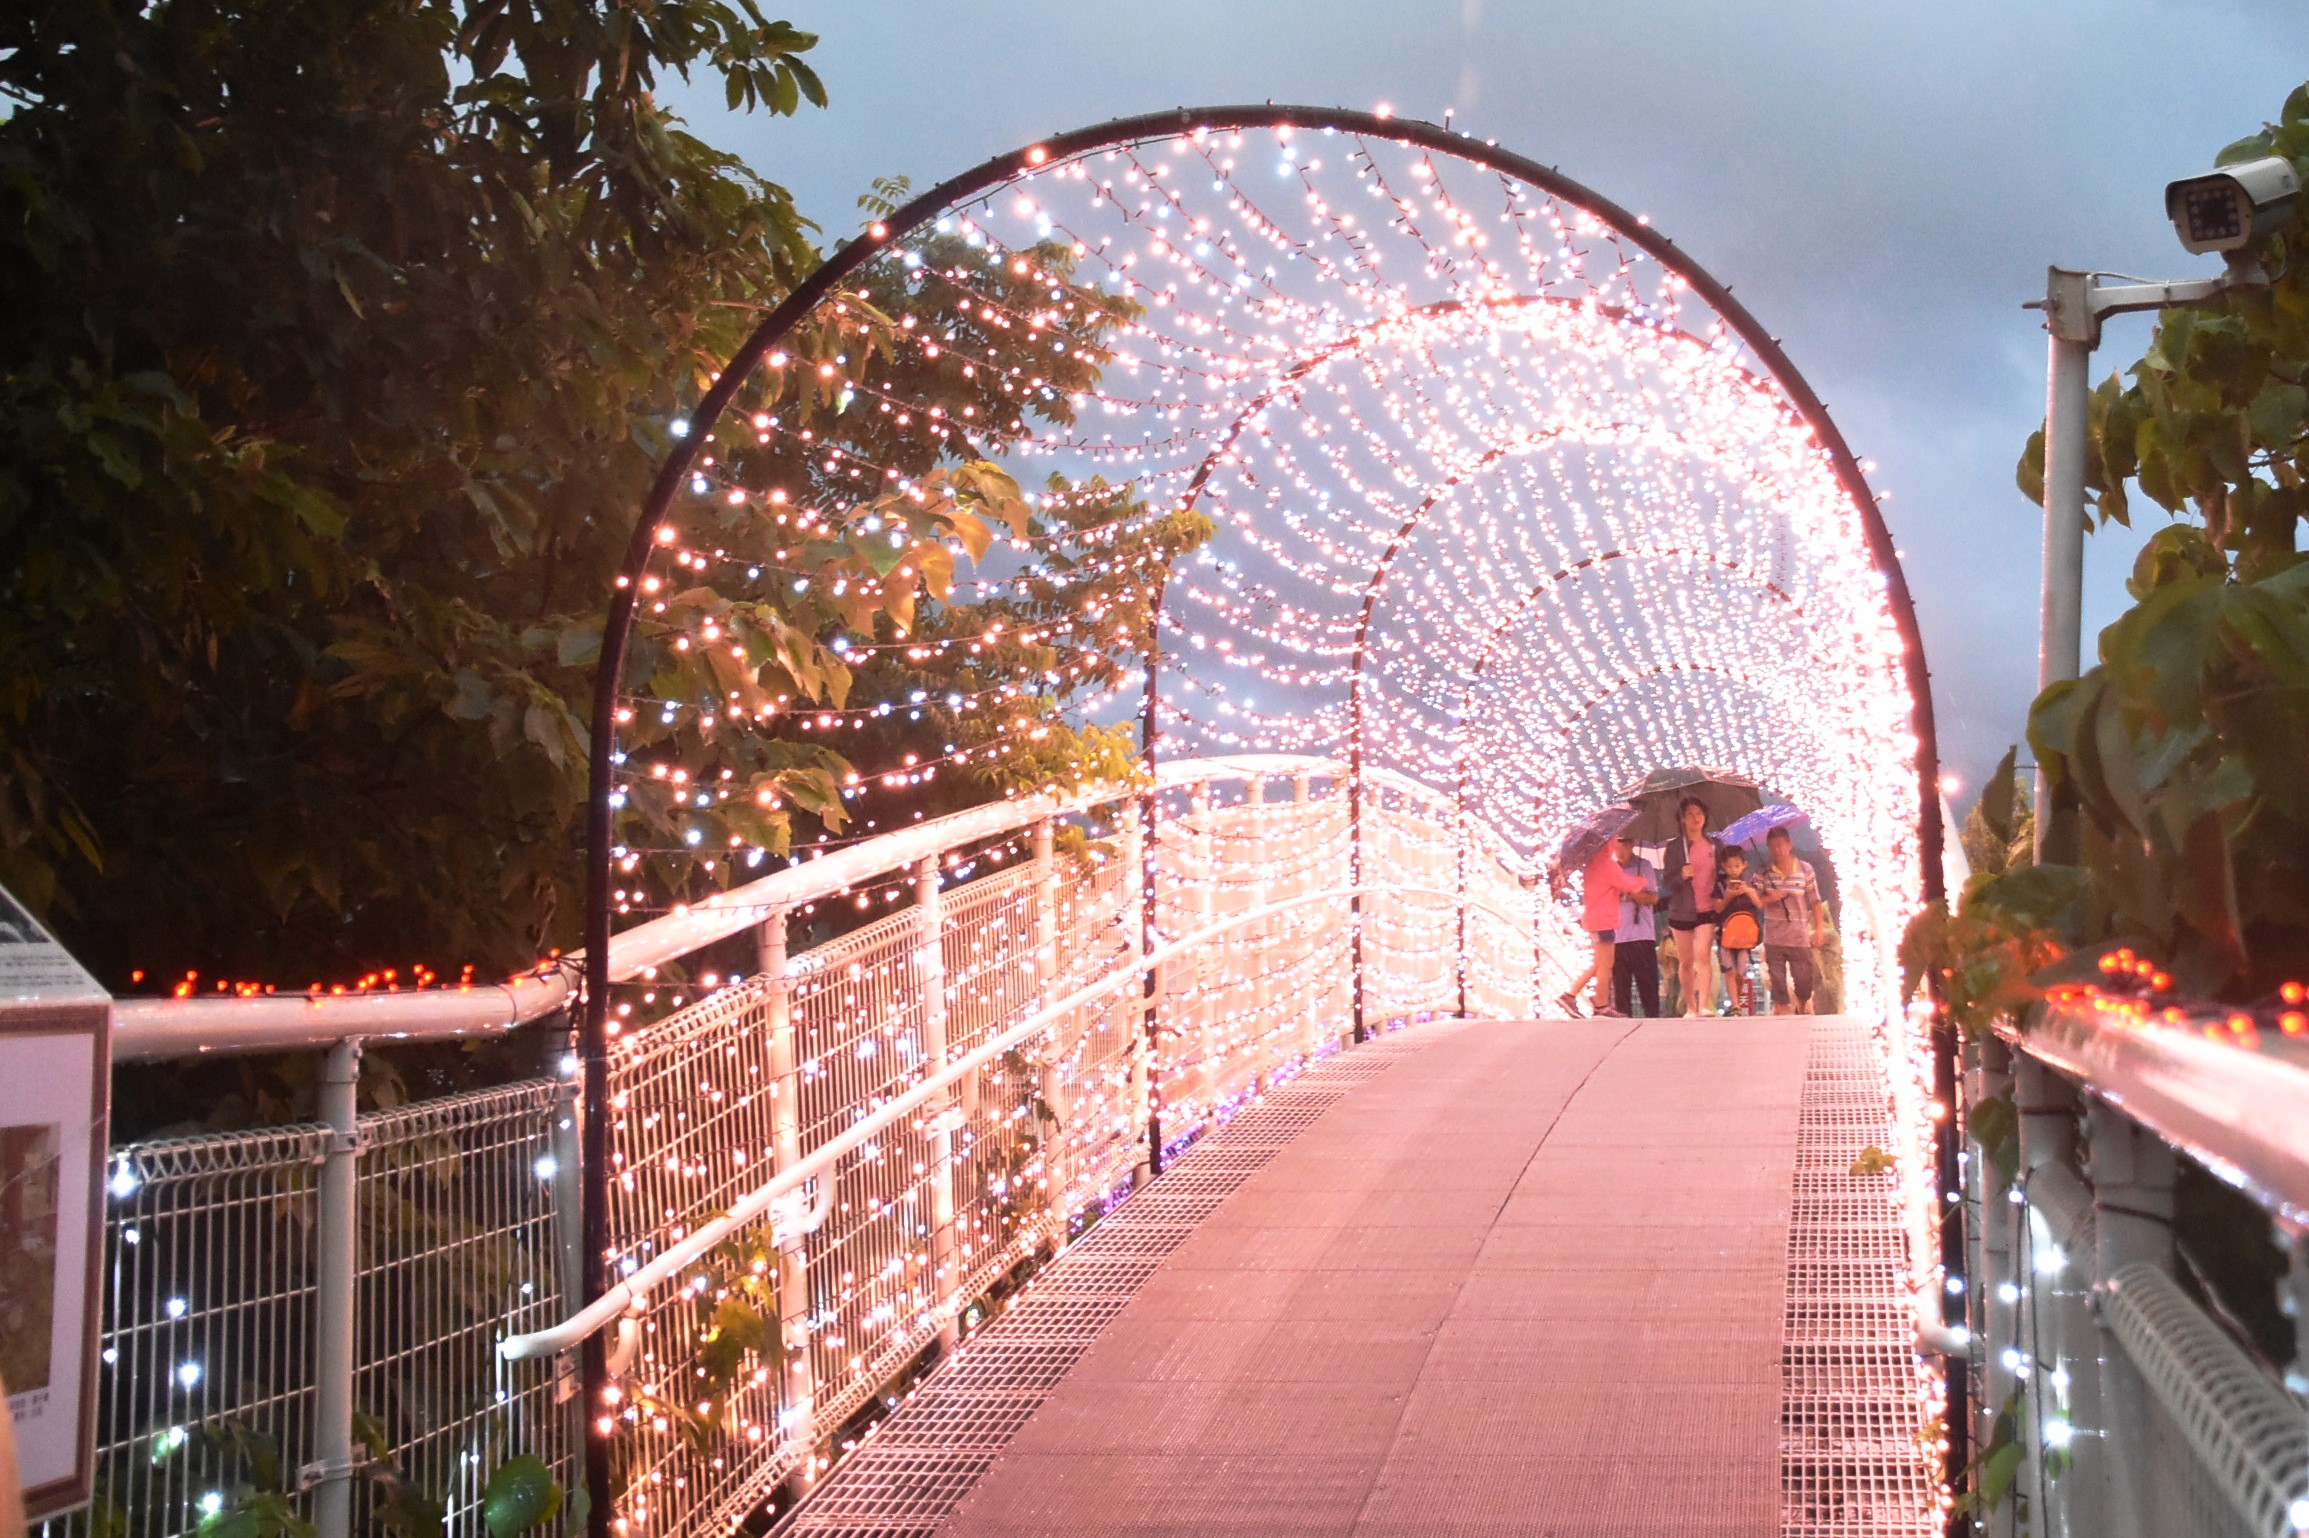 八卦山天空步道因應七夕情人節將至,以燈飾造景點綴天空步道。圖/彰化縣政府